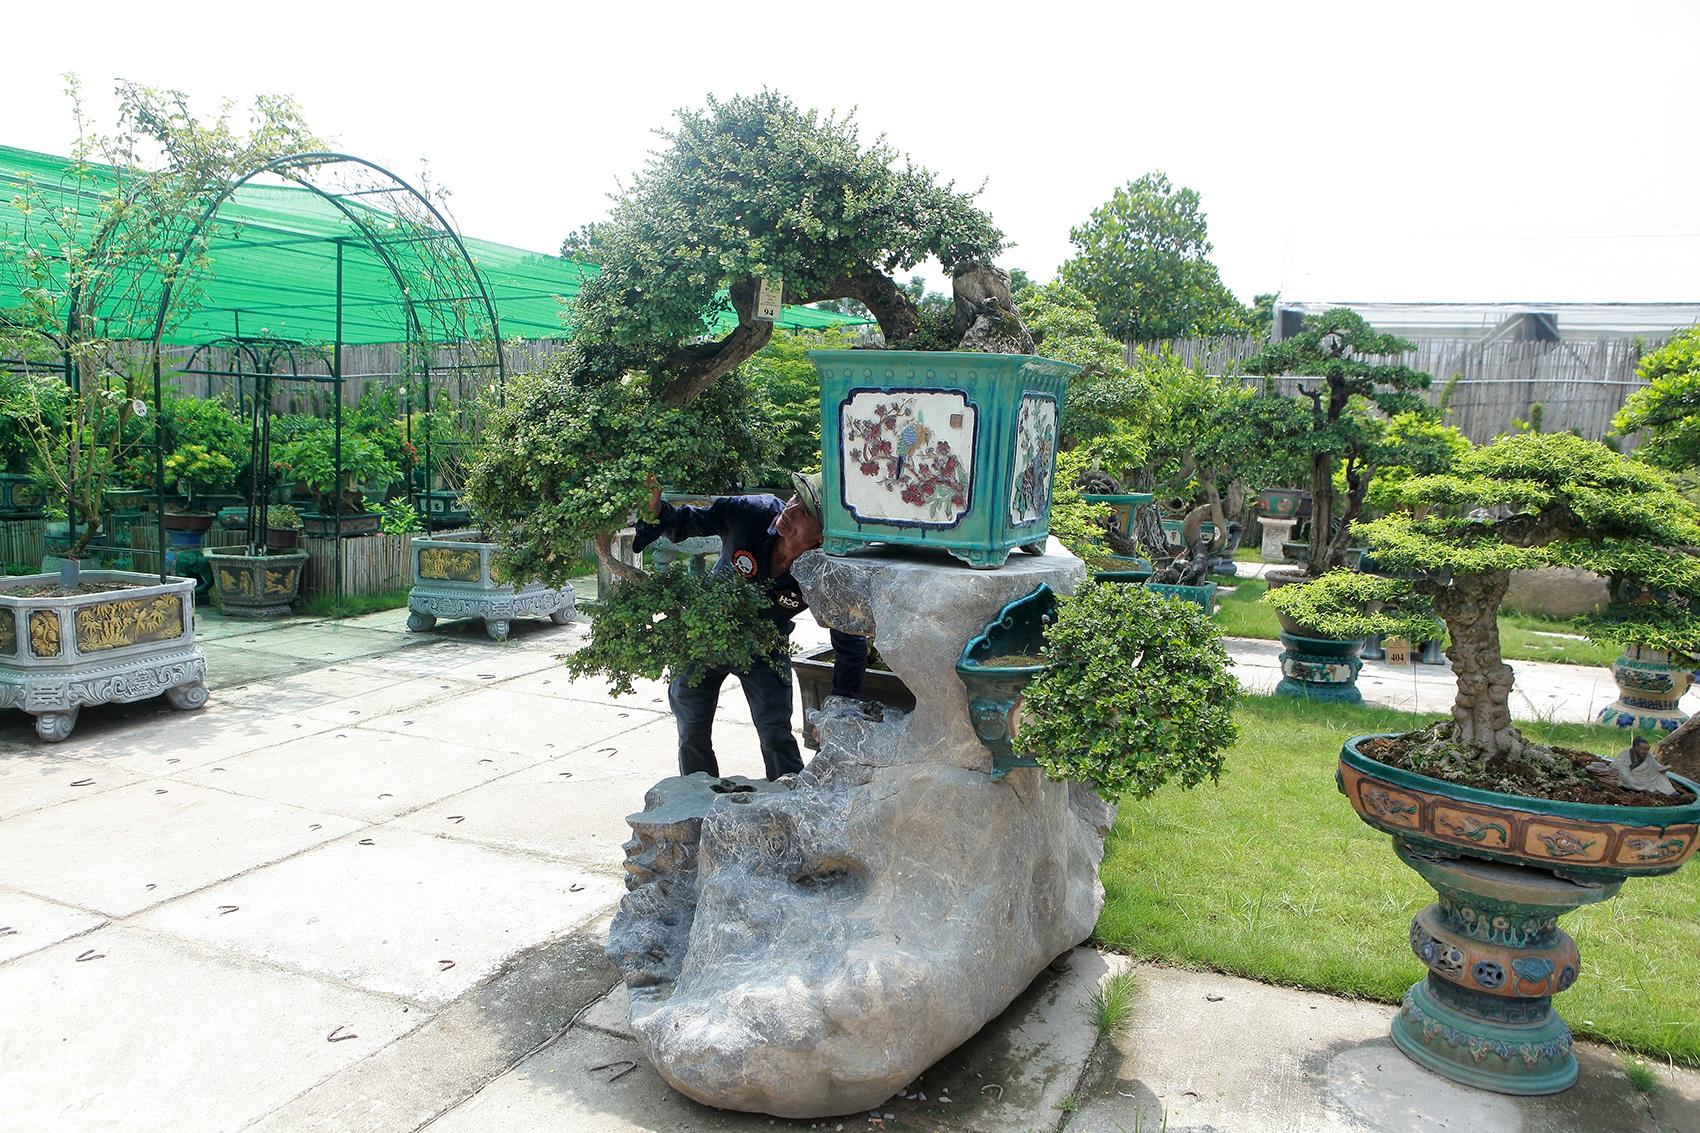 Mục sở thị khu vườn gần 1.000 cây cảnh bonsai hiếm có đất Hà Thành - 8